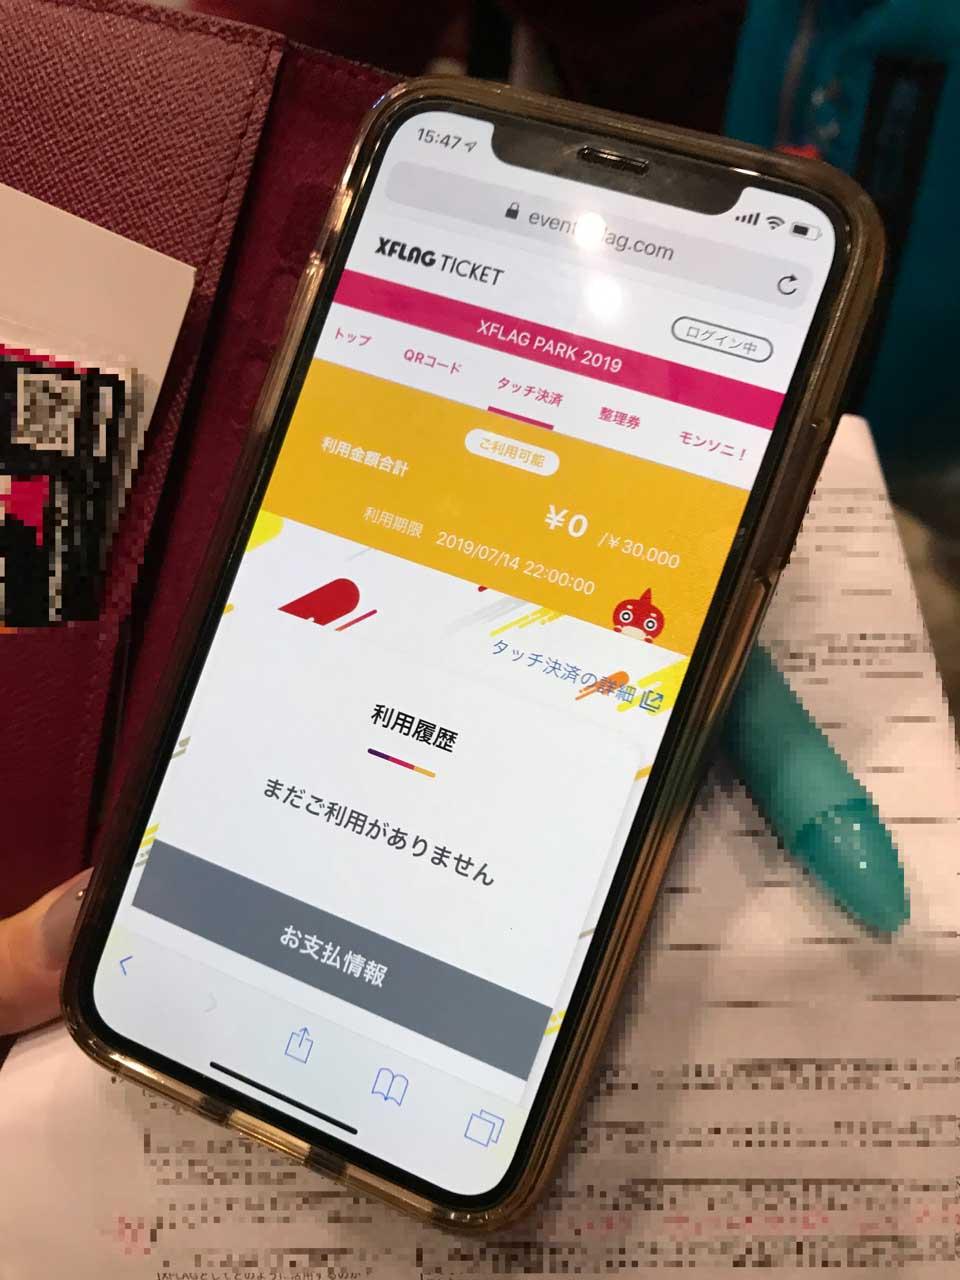 タッチ決済の利用金額はチケットを購入したXFLAGのサイトで逐次確認できる